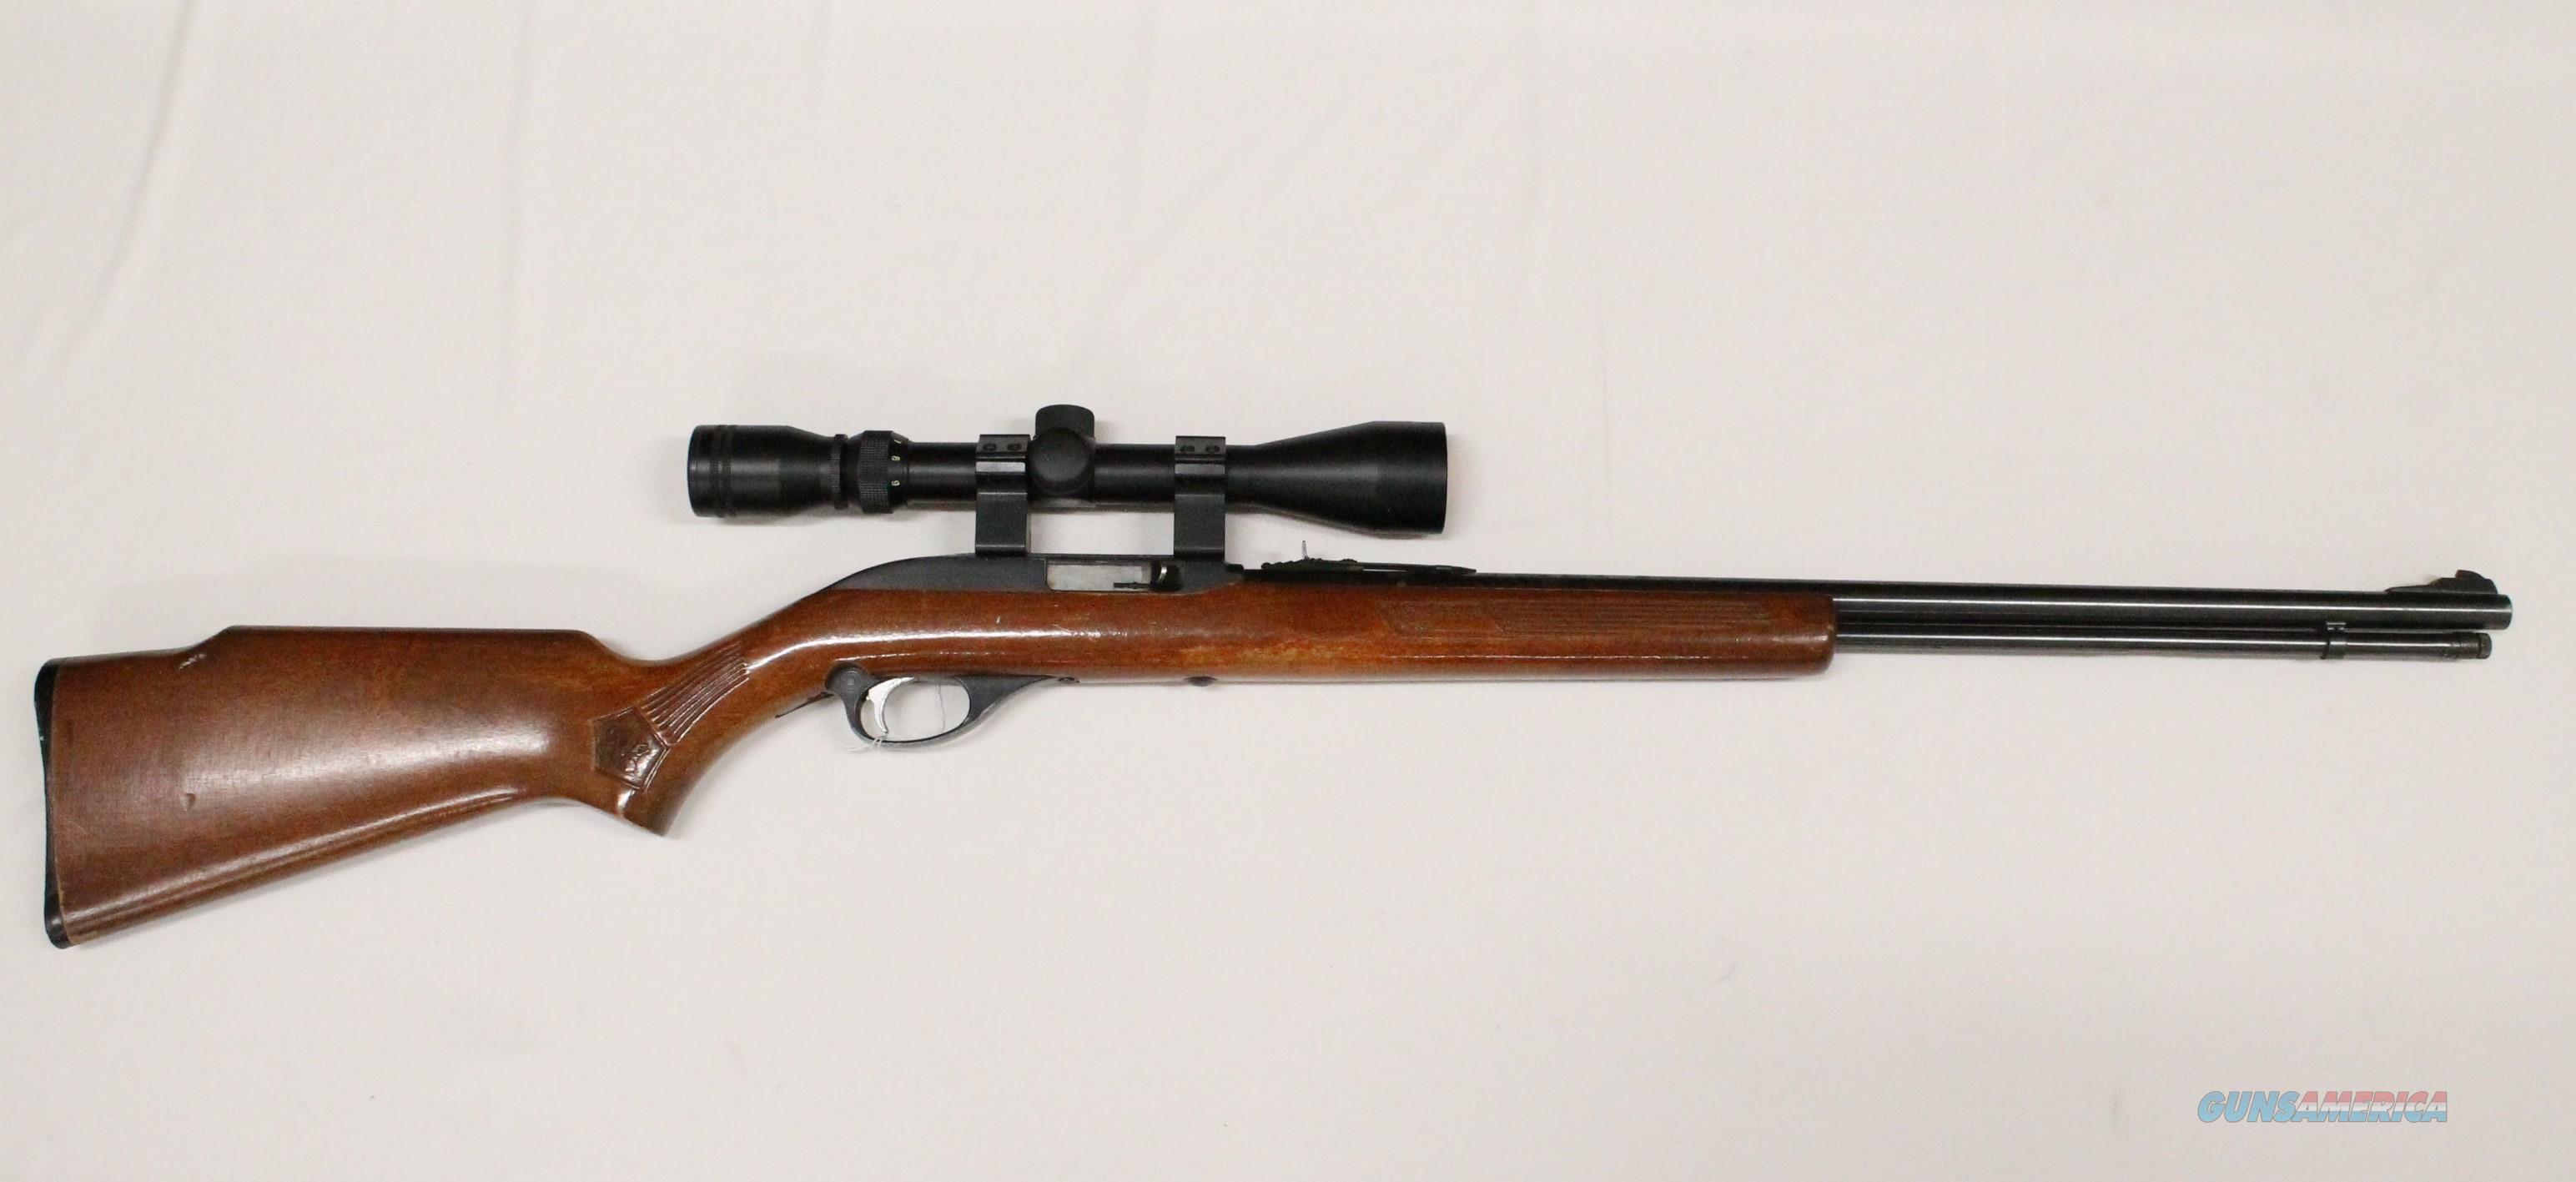 Marlin Glenfield Model 60 .22 L.R. Semi-Auto Rifle + Scope  Guns > Rifles > Marlin Rifles > Modern > Semi-auto